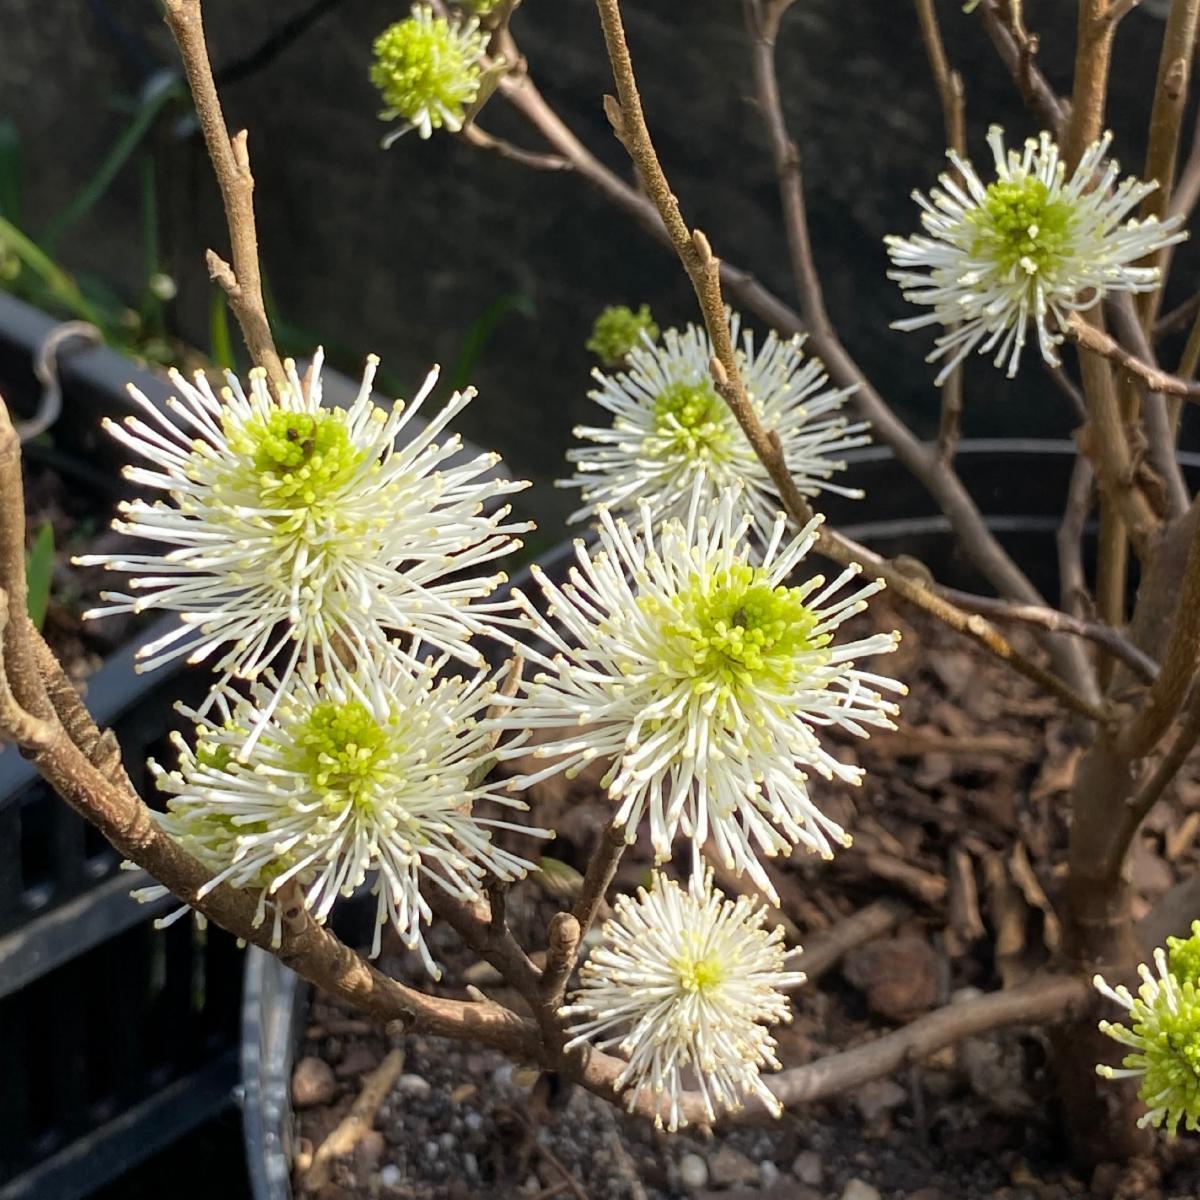 Fothergilla gardenii in bloom